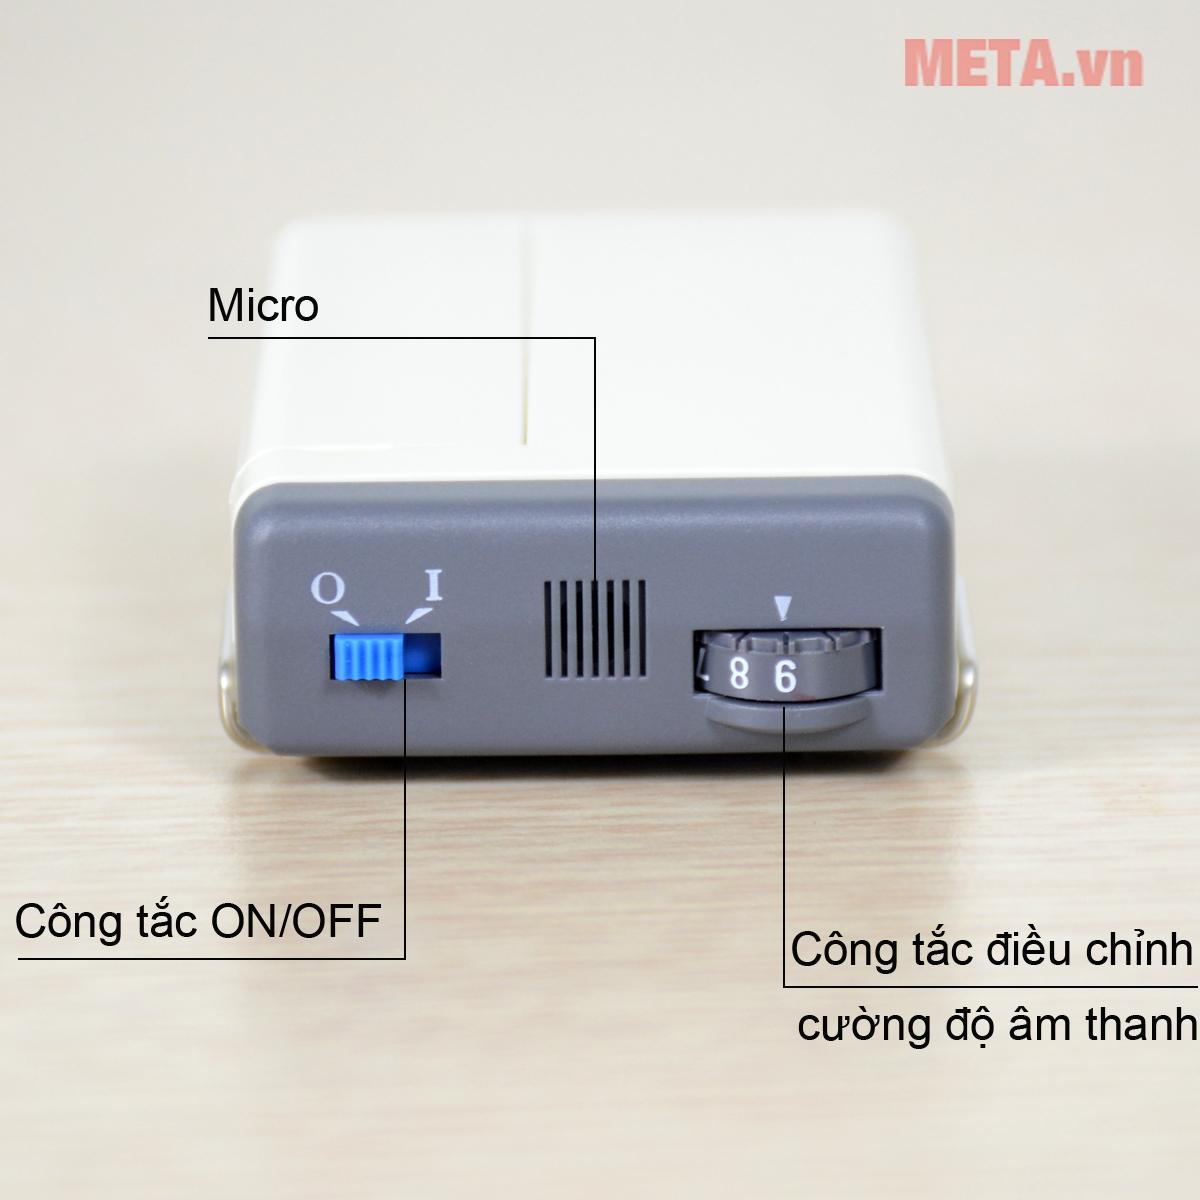 Bảng điều khiển máy trợ thính dây đeo Rionet HA-20Dx